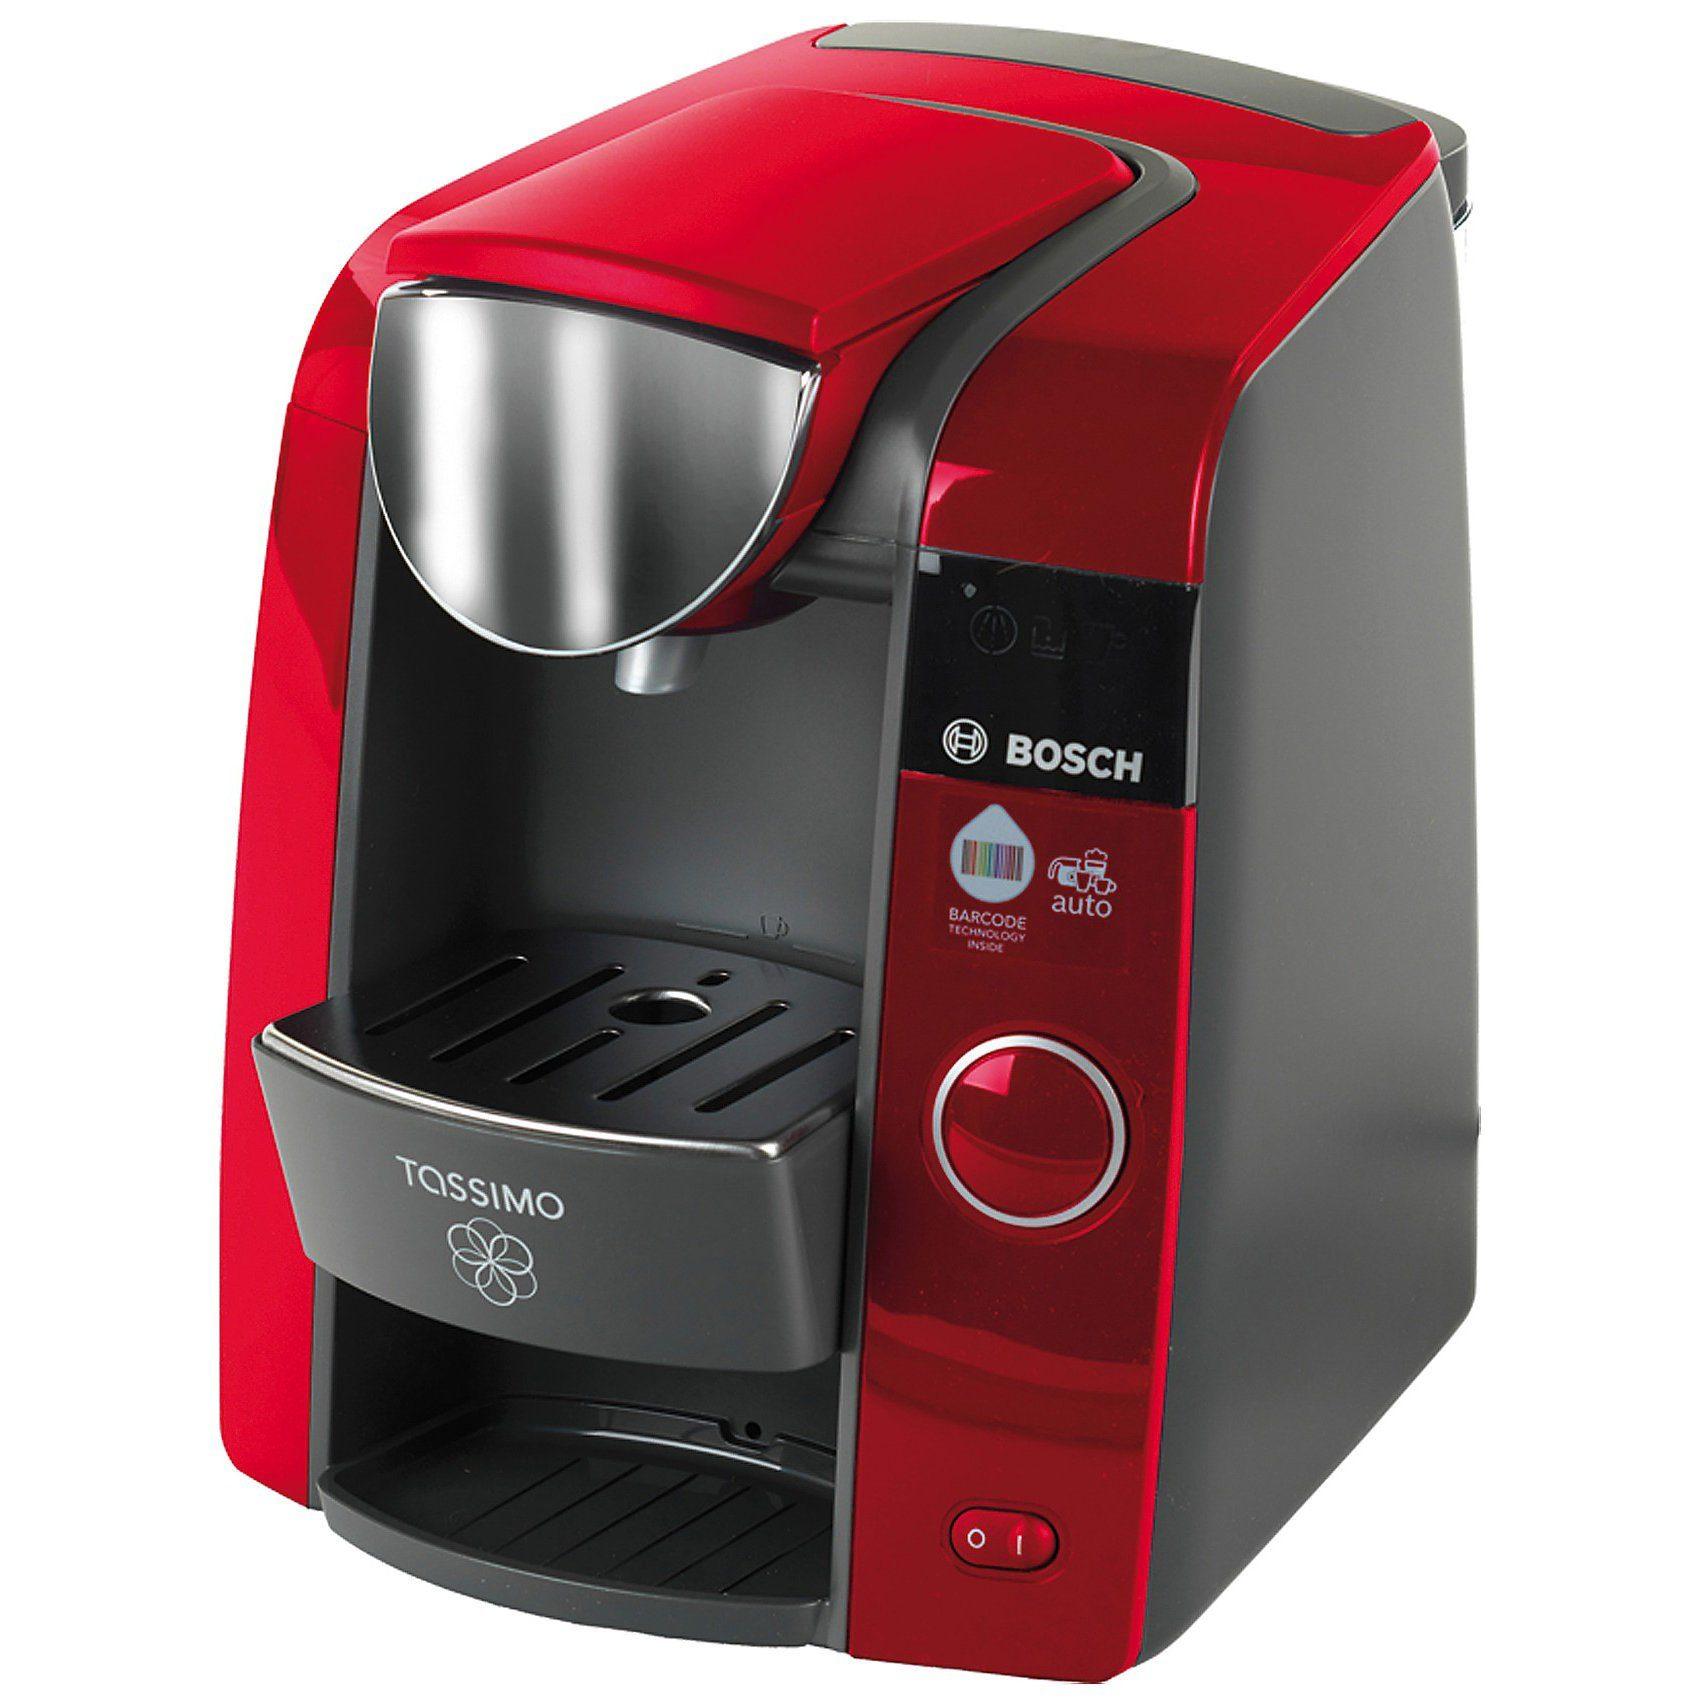 Klein BOSCH Tassimo Kaffeemaschine